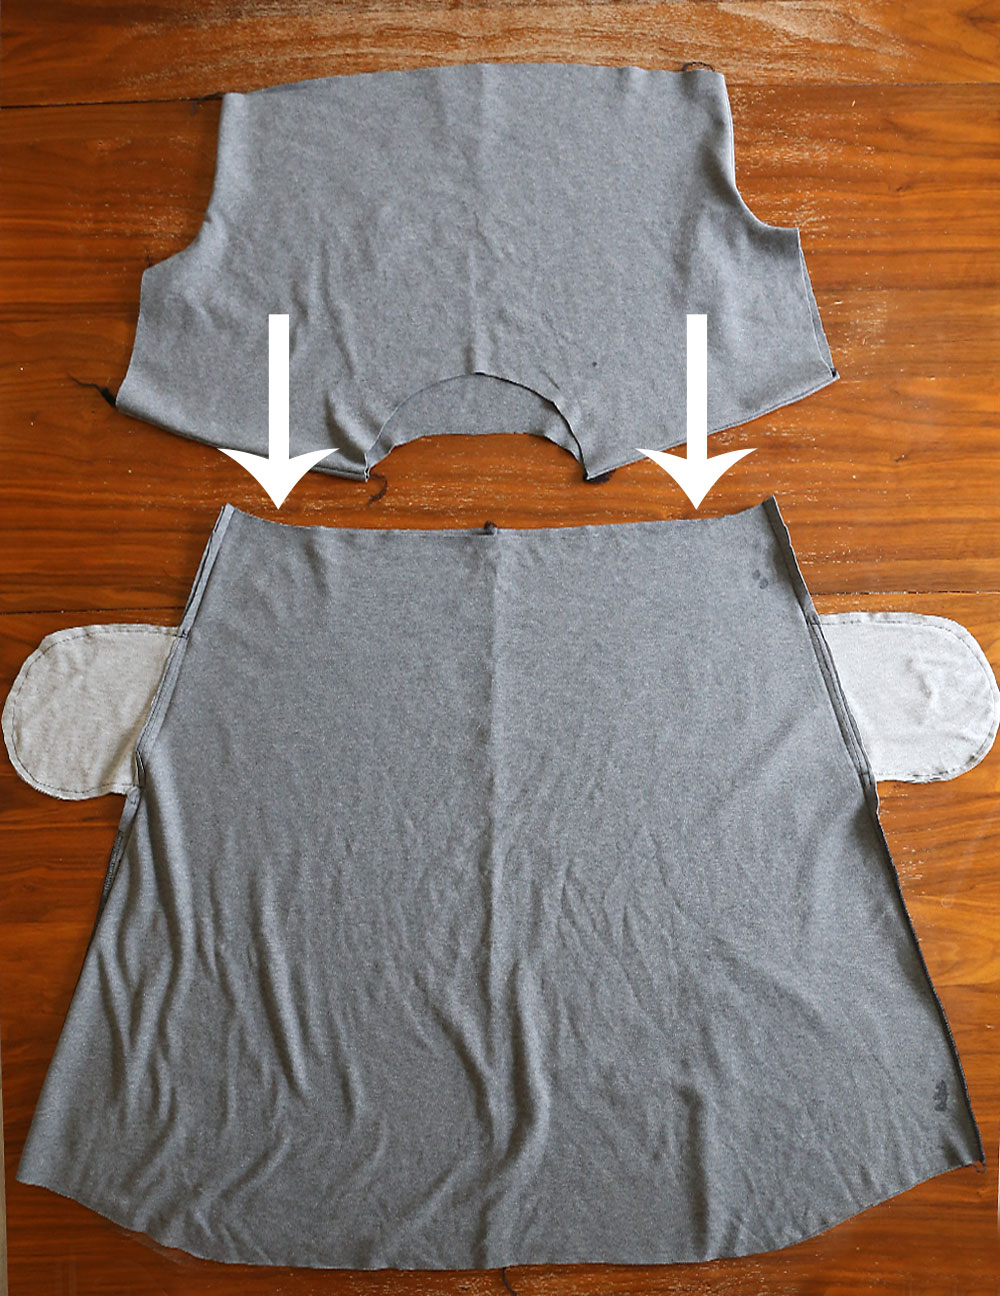 Free Everyday Dress pattern in women's size L.